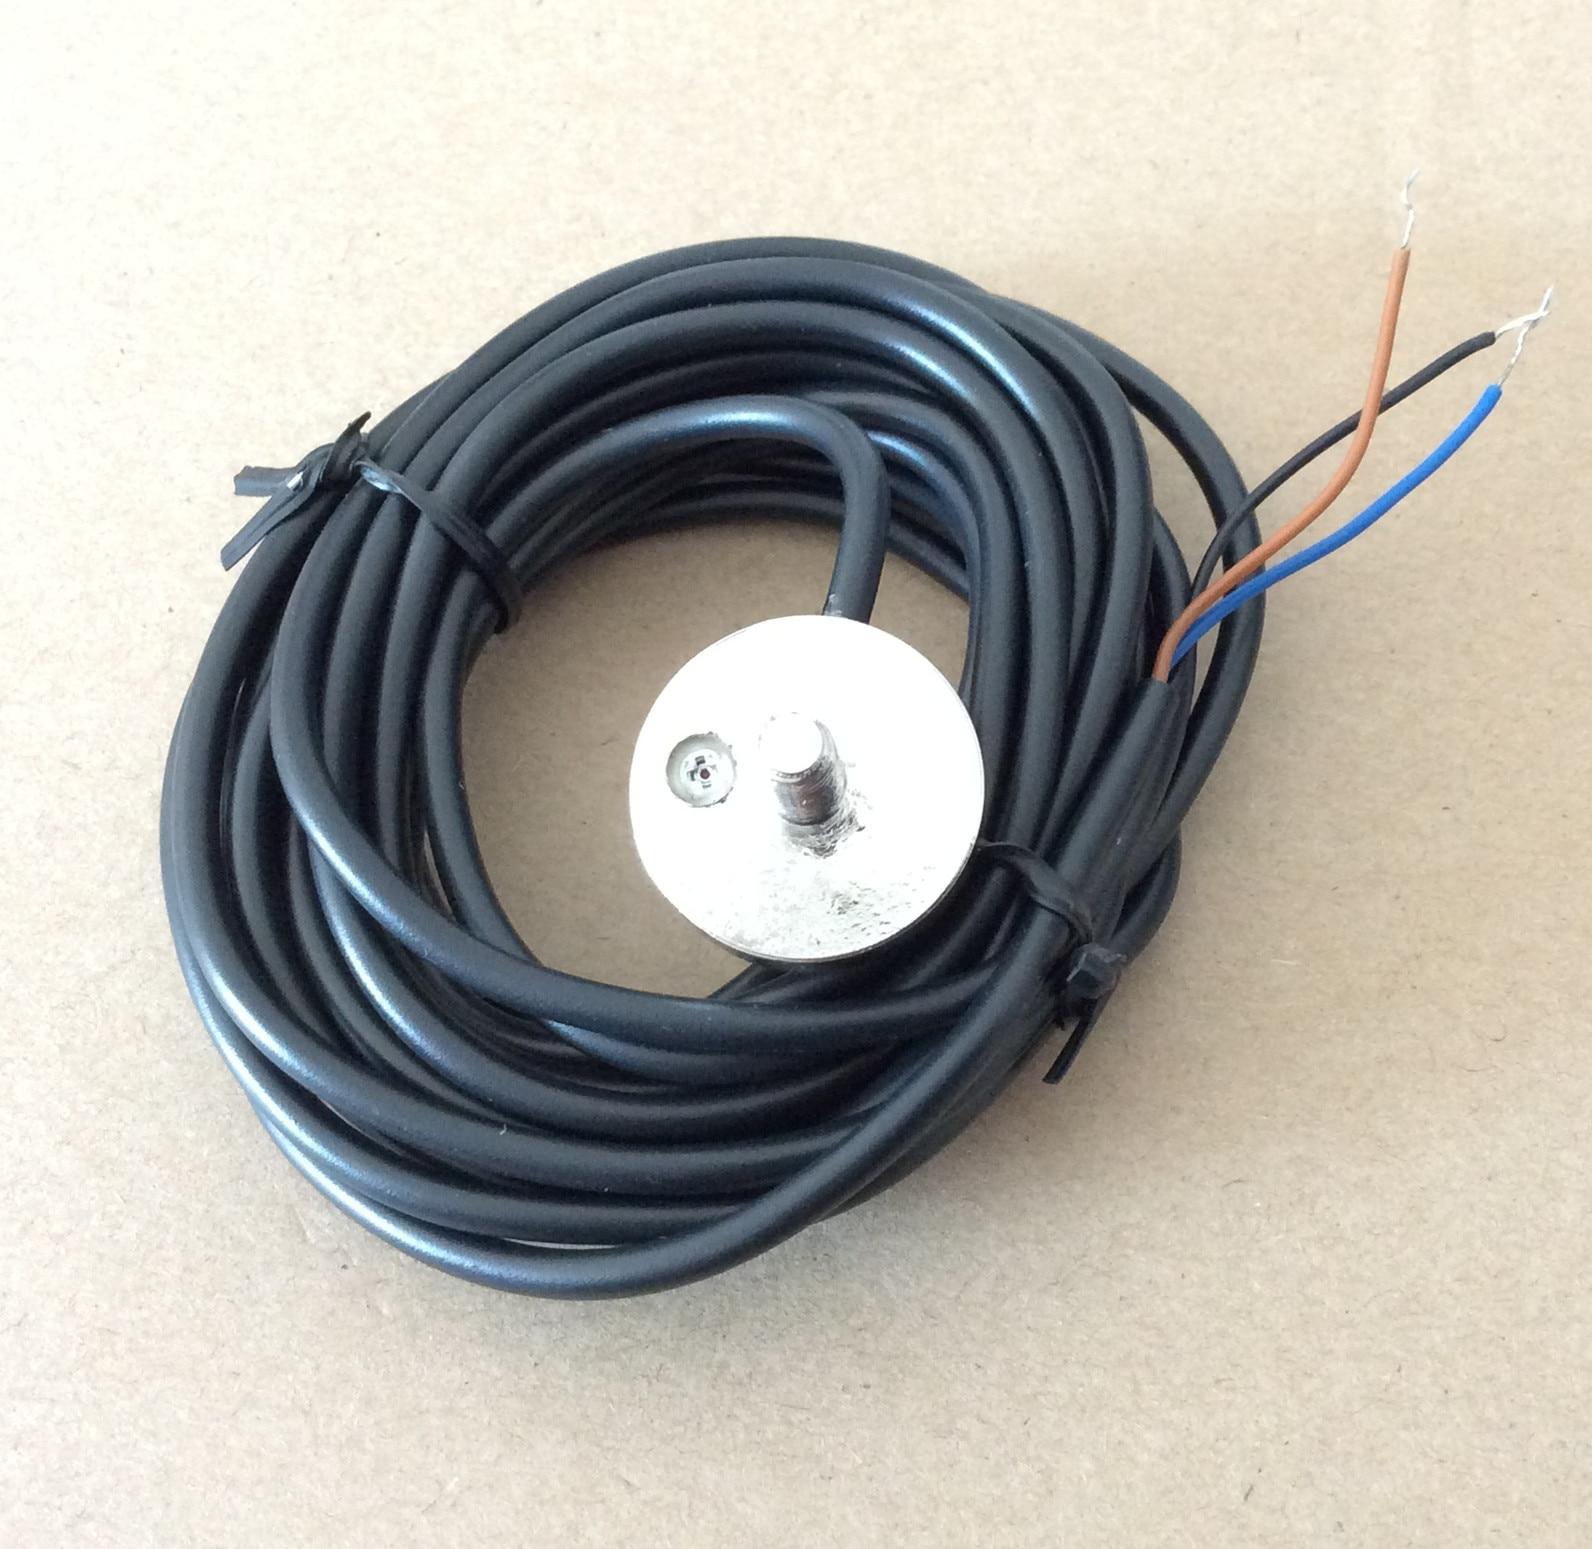 For Heidelberg Accessories M2.122.1311 Heidelberg Printing Press Receiving Electric Eye Sensor